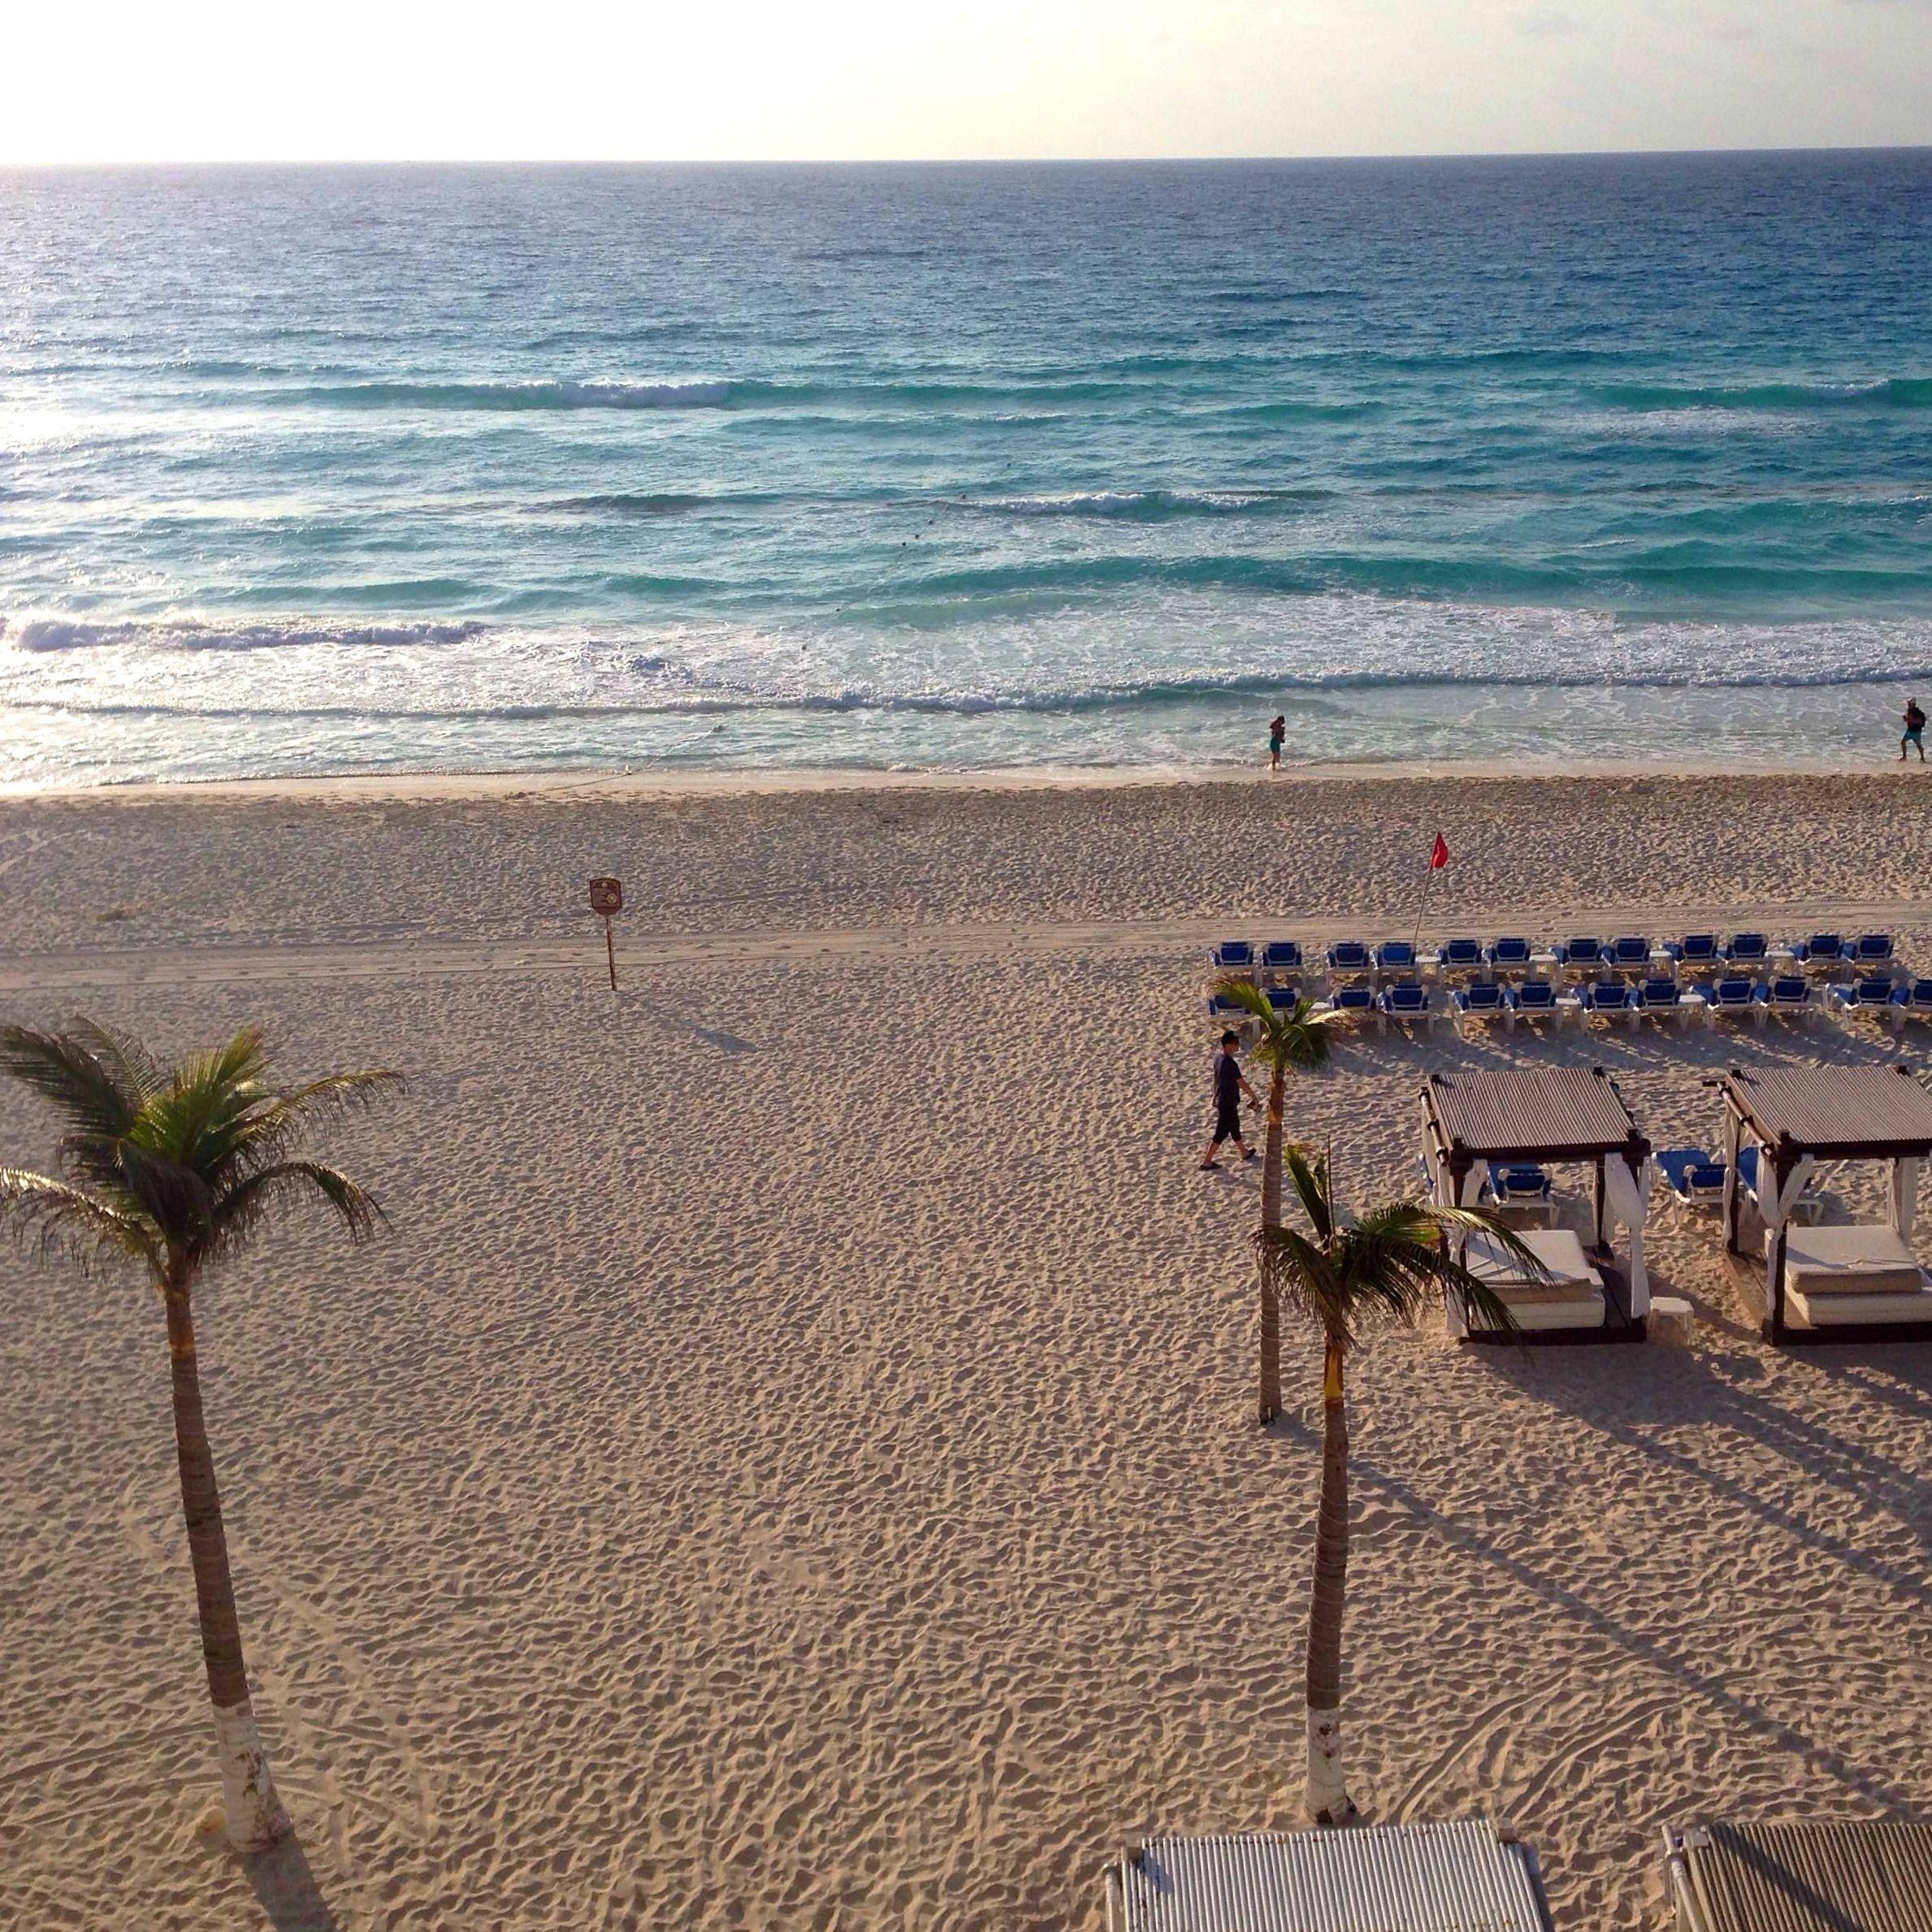 Panamá Jack: Vale a pena ficar em all inclusive em Cancún?